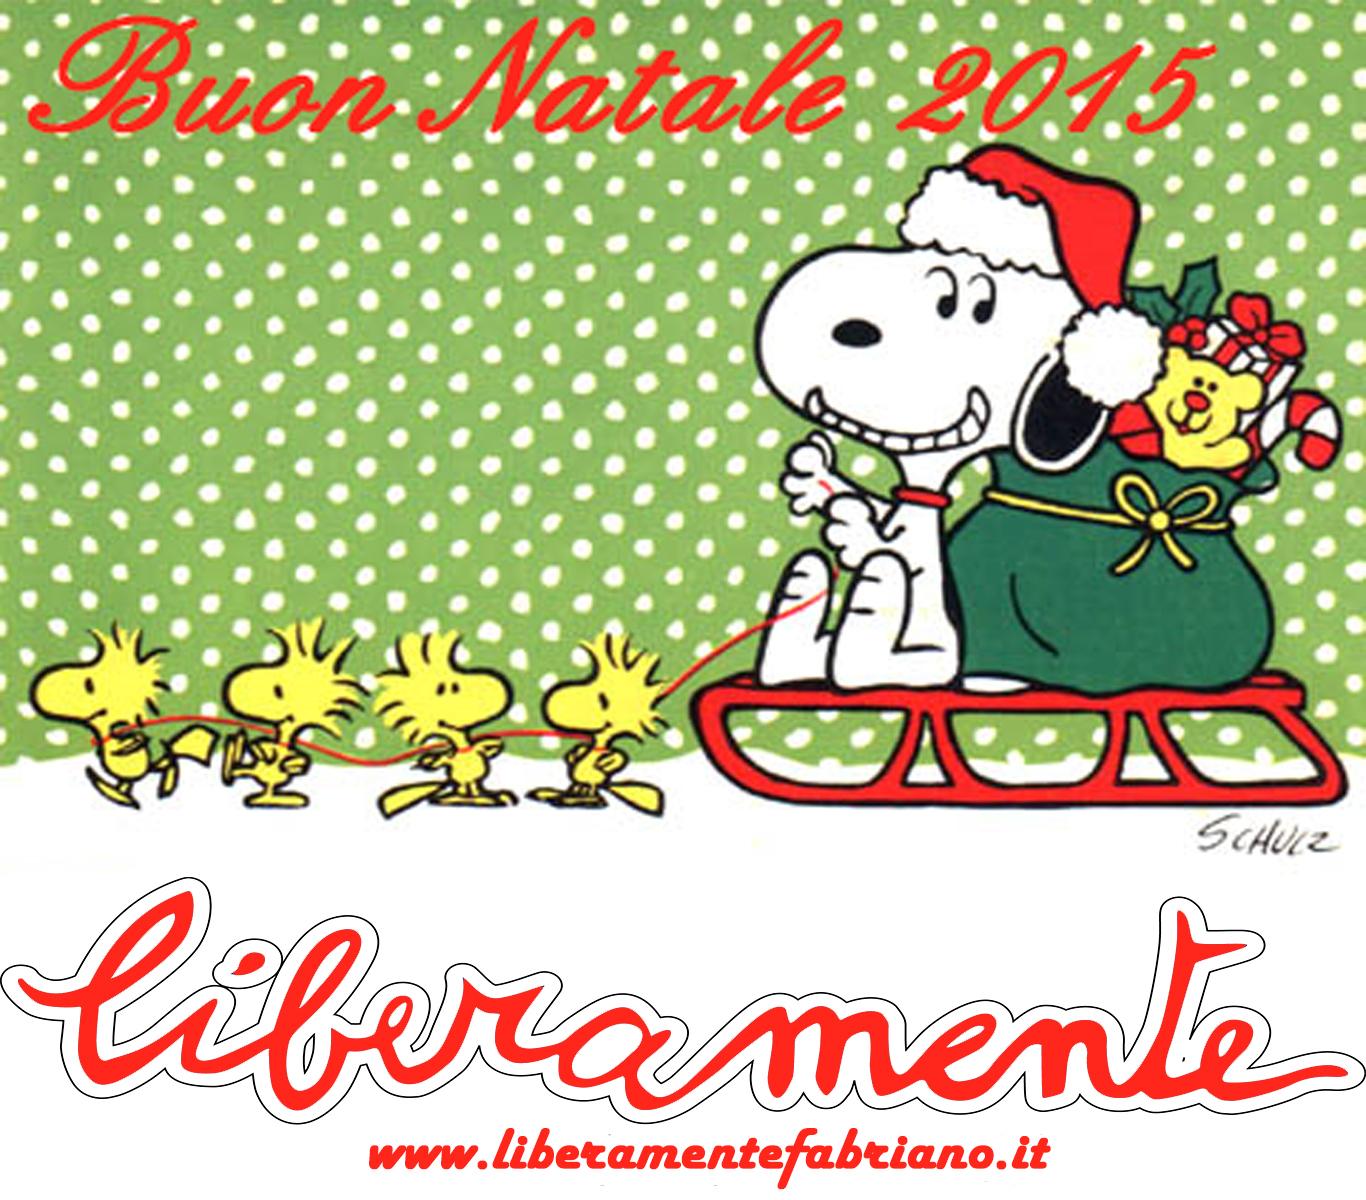 LiberaMente buon natale 2015